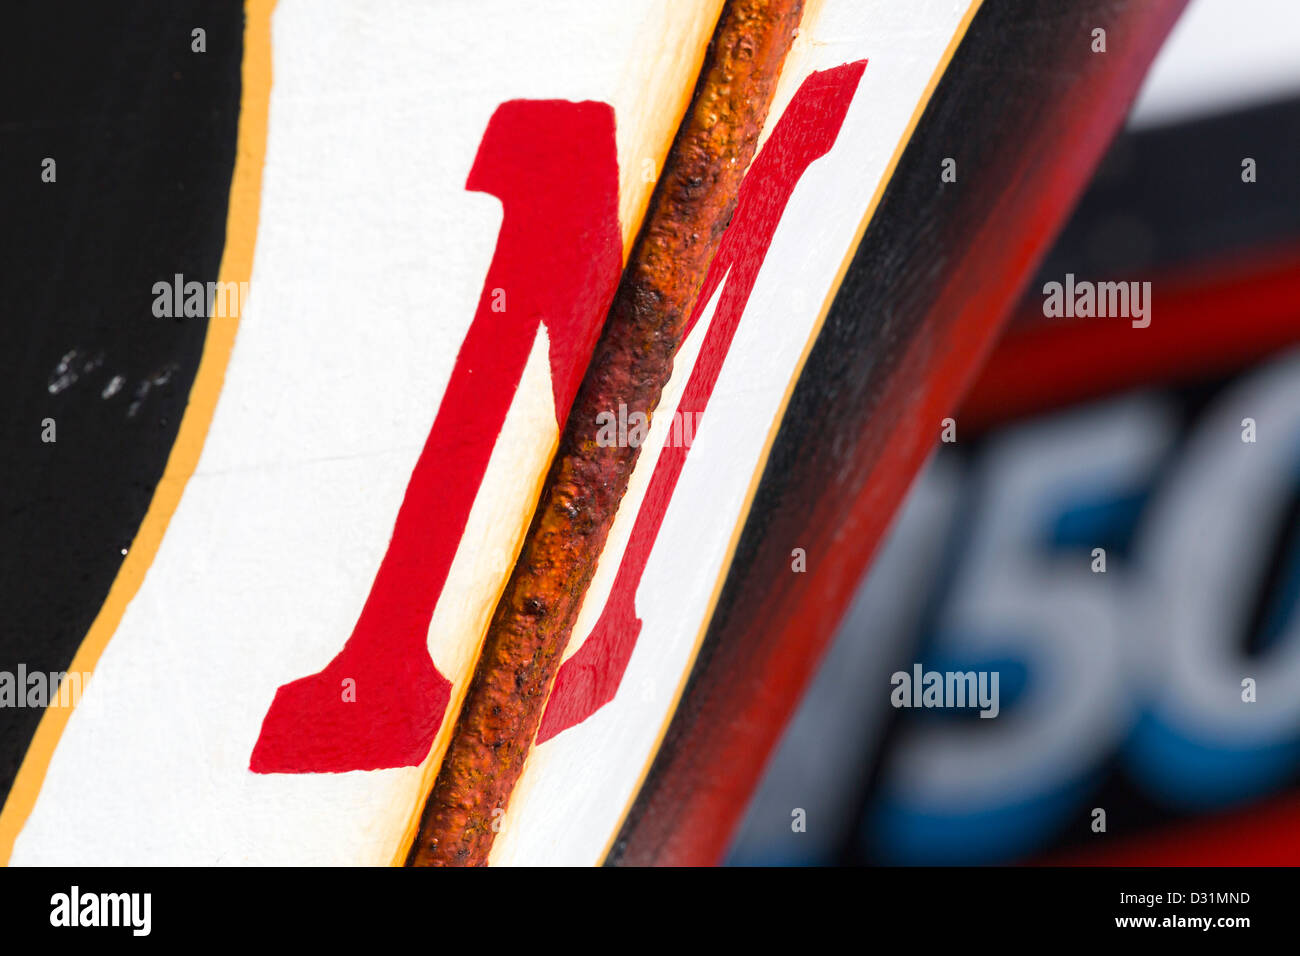 La rouille et M; rouge; Symétrie Détail Bateau de pêche; Photo Stock